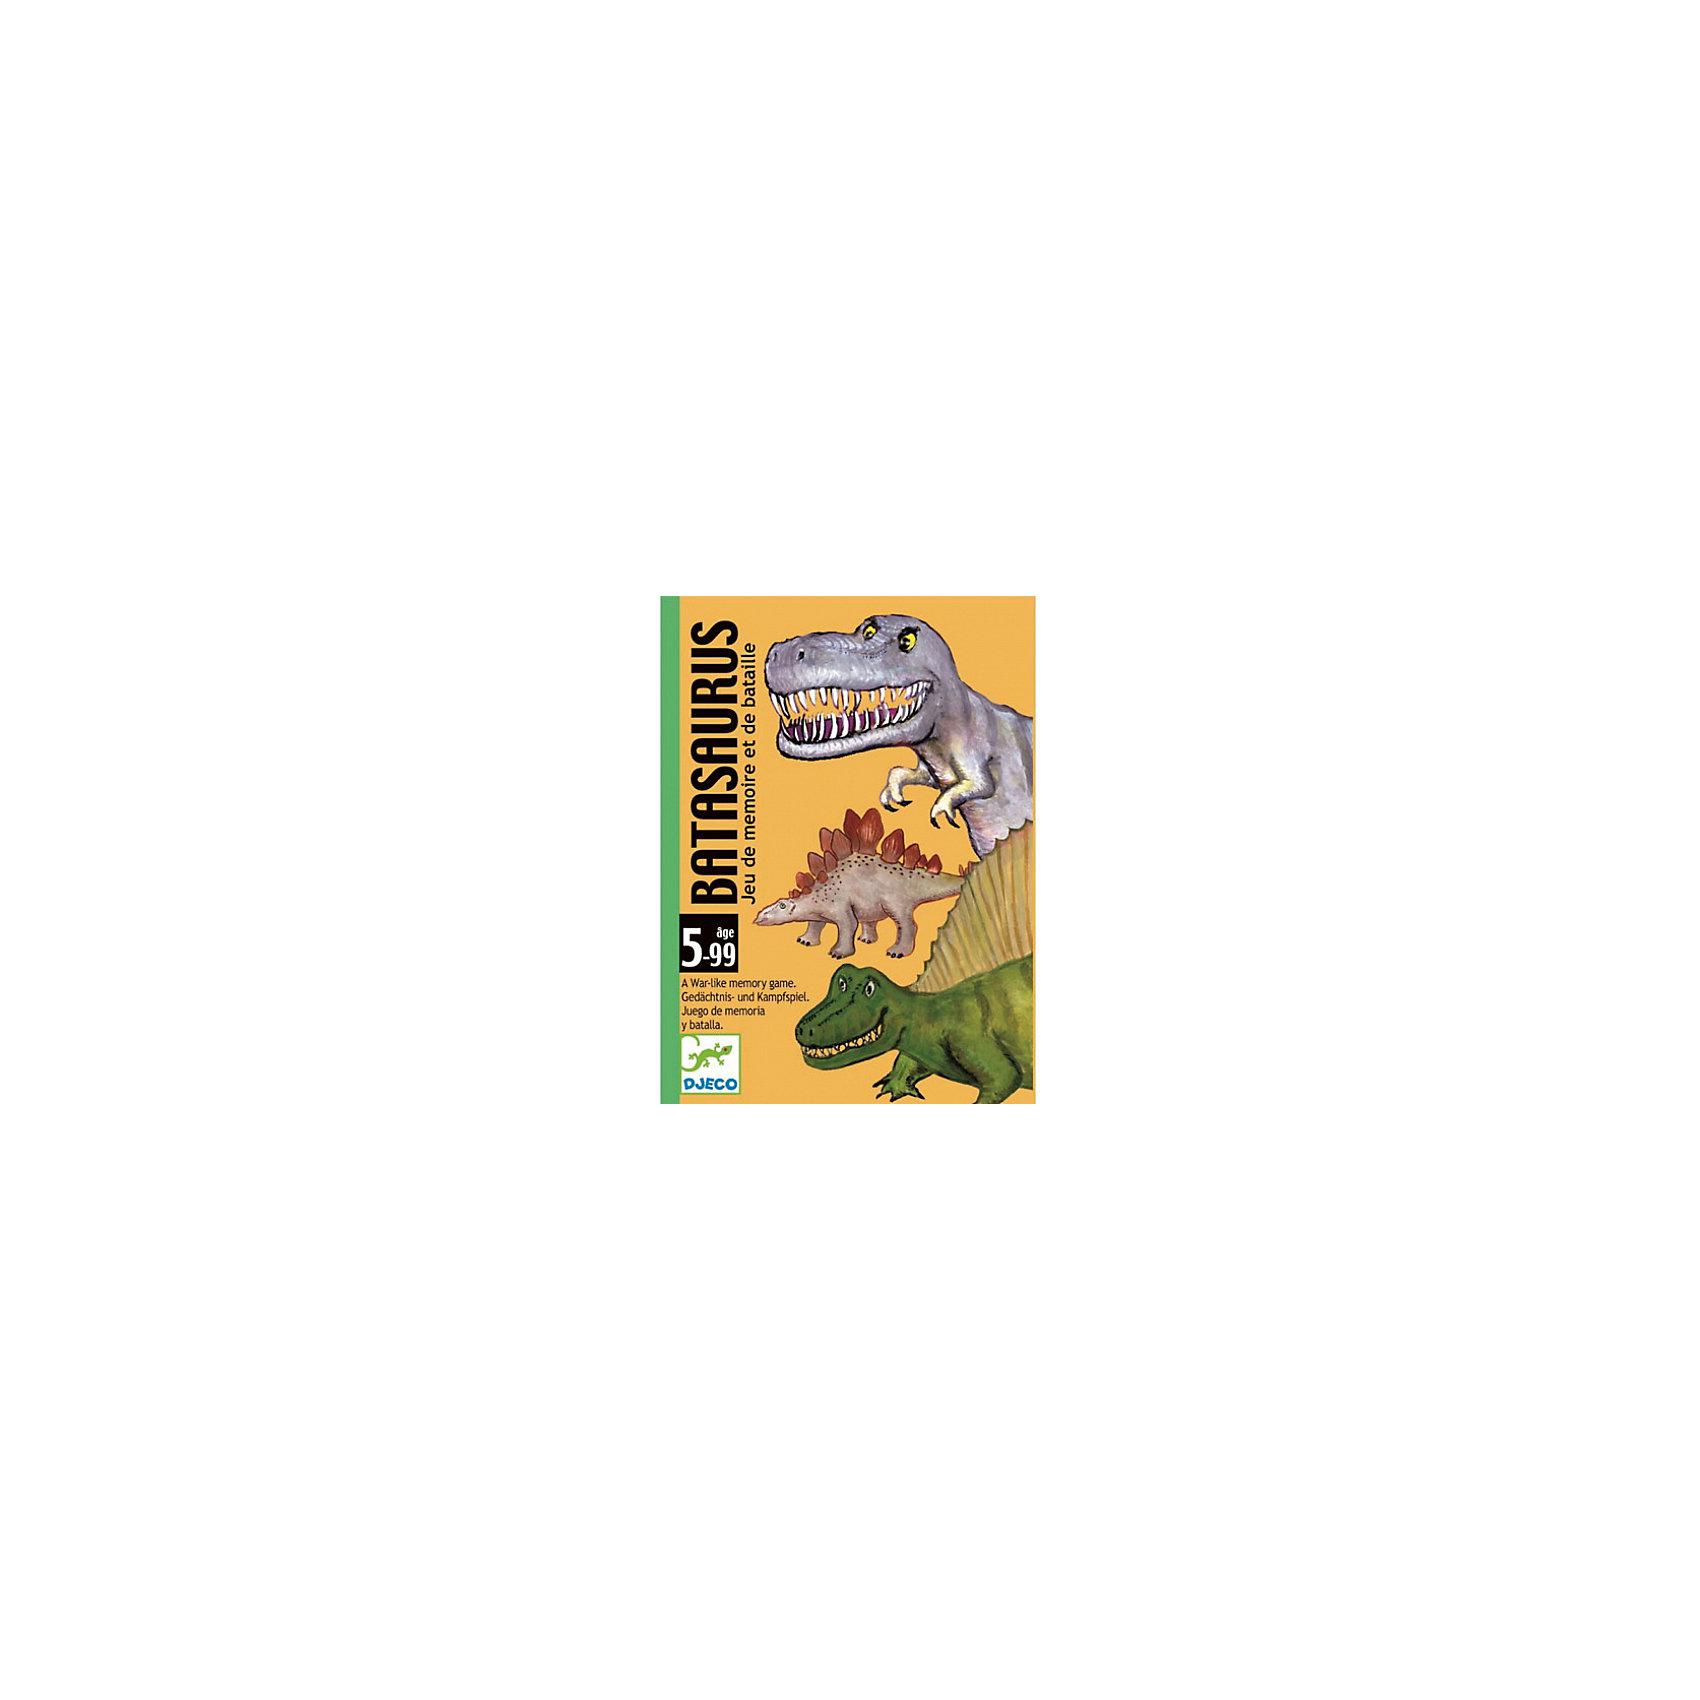 Карточная игра Динозавры, DJECOКарточные игры<br>Настольная карточная игра Динозавры – увлекательная стратегическая игра на внимательность и сообразительность. В наборе: 48 карточек «динозавры» (4 серии по 12 динозавров). Каждому динозавру присвоена определенная стоимость от 1 до 12 (12 - самая сильная карточка, 1 - самая слабая). Цель игры состоит в том, чтобы выиграть как можно больше раундов и заработать как можно больше карточек «динозавров».<br><br>Ширина мм: 90<br>Глубина мм: 120<br>Высота мм: 30<br>Вес г: 260<br>Возраст от месяцев: 36<br>Возраст до месяцев: 1188<br>Пол: Унисекс<br>Возраст: Детский<br>SKU: 4761443